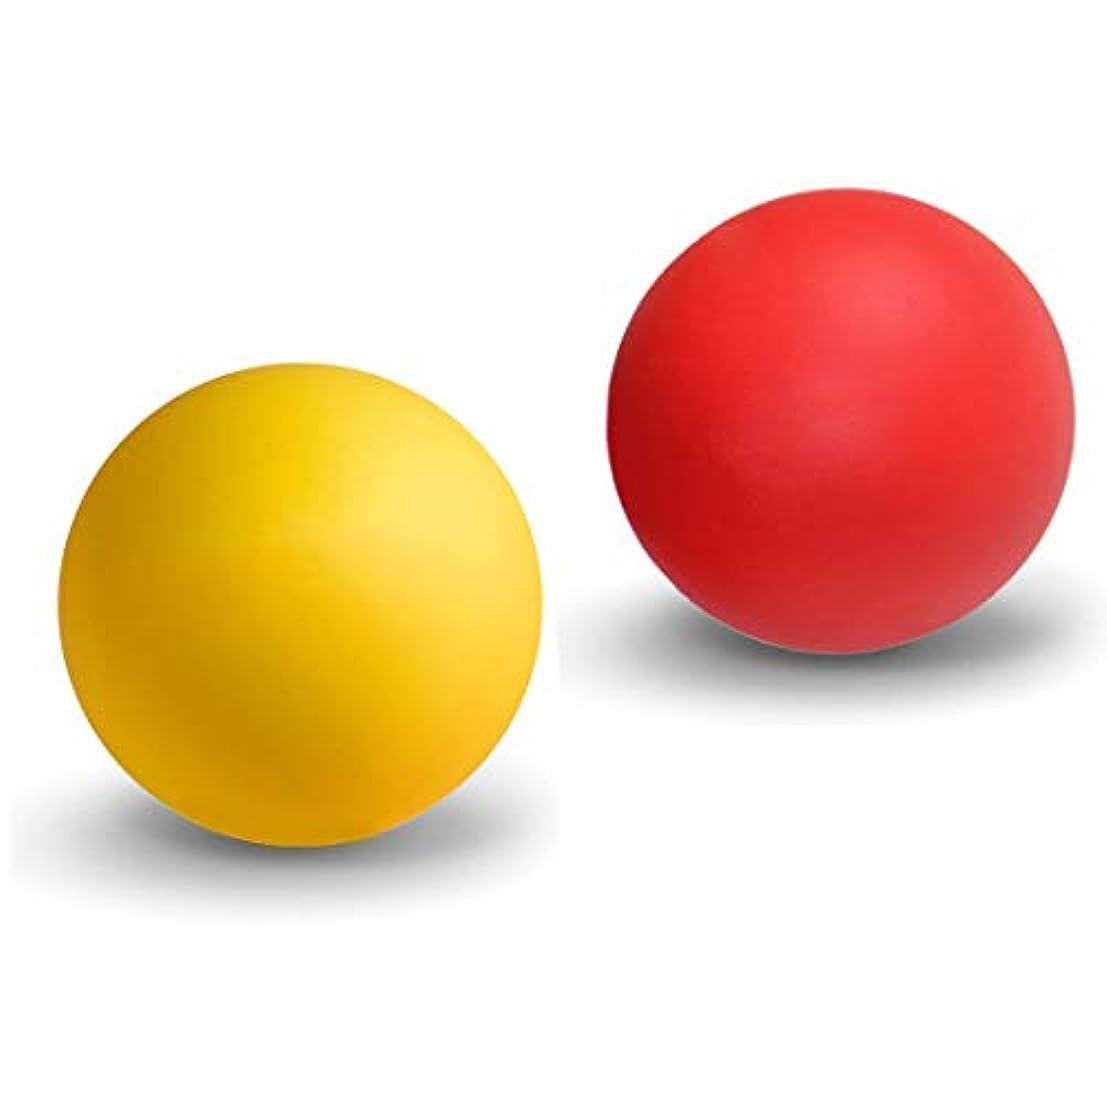 物理調子受粉するマッサージボール ストレッチボール トリガーポイント ラクロスボール 筋膜リリース トレーニング 指圧ボールマッスルマッサージボール 背中 肩こり 腰 ふくらはぎ 足裏 ツボ押しグッズ 2で1組み合わせ 2個 セット